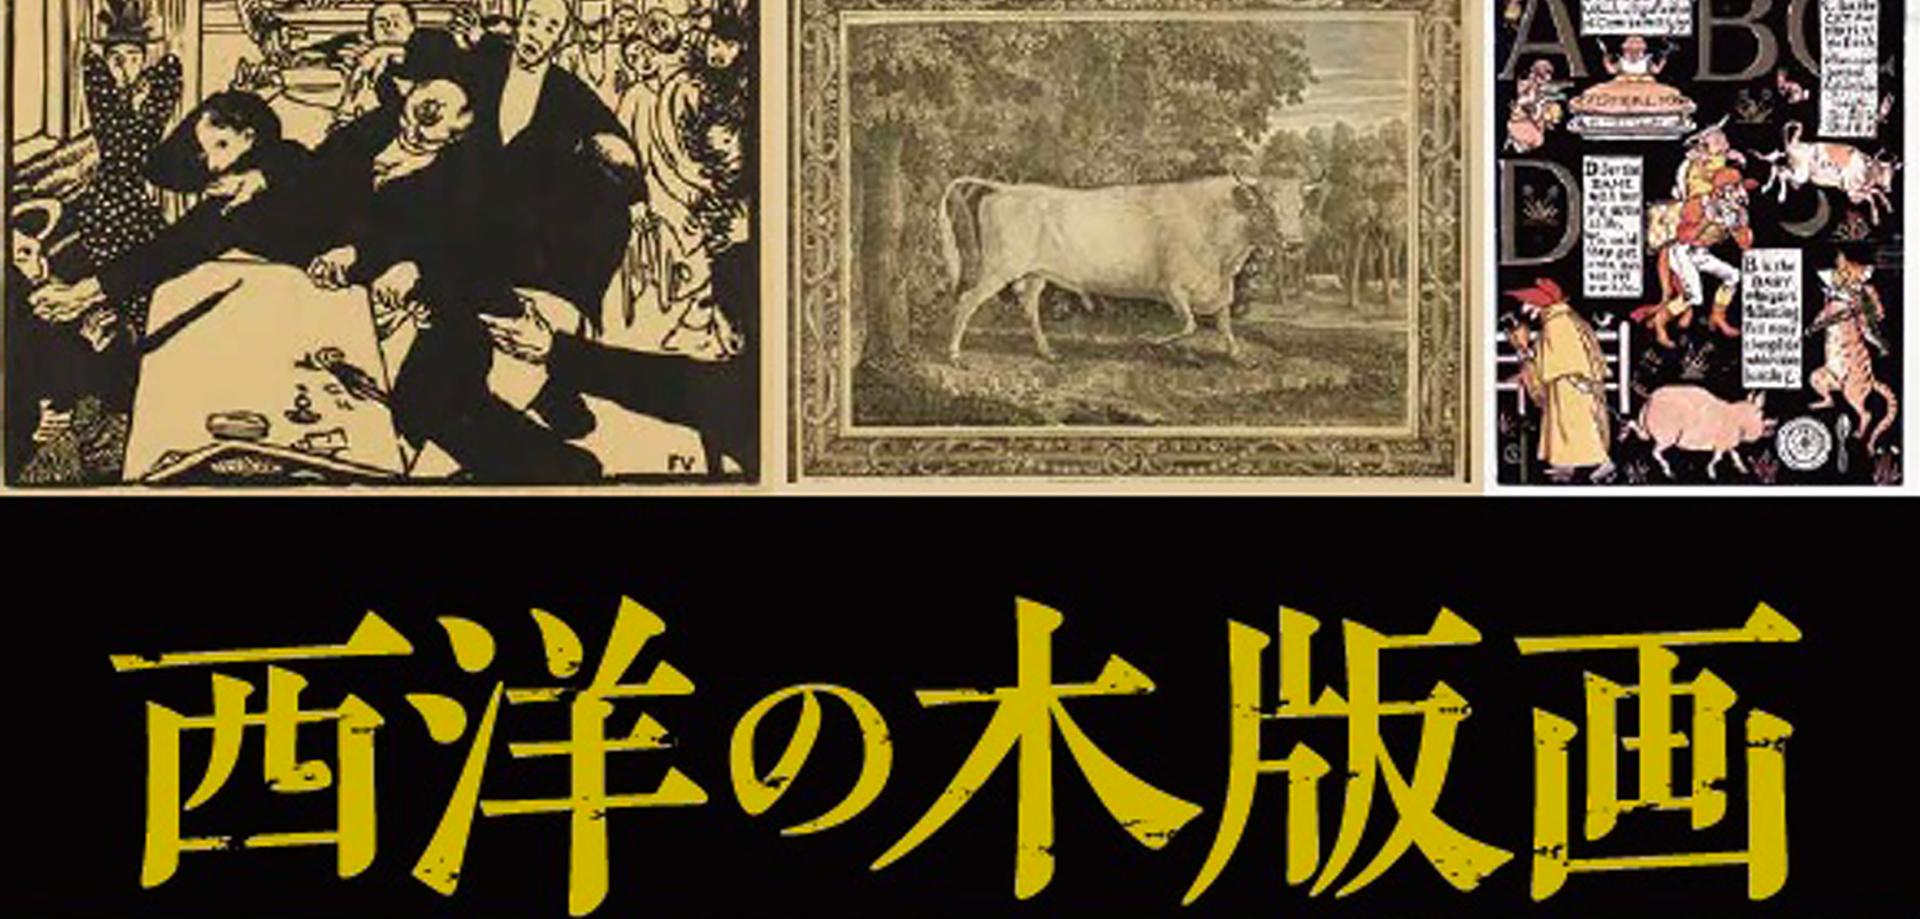 西洋の木版画 500年の物語